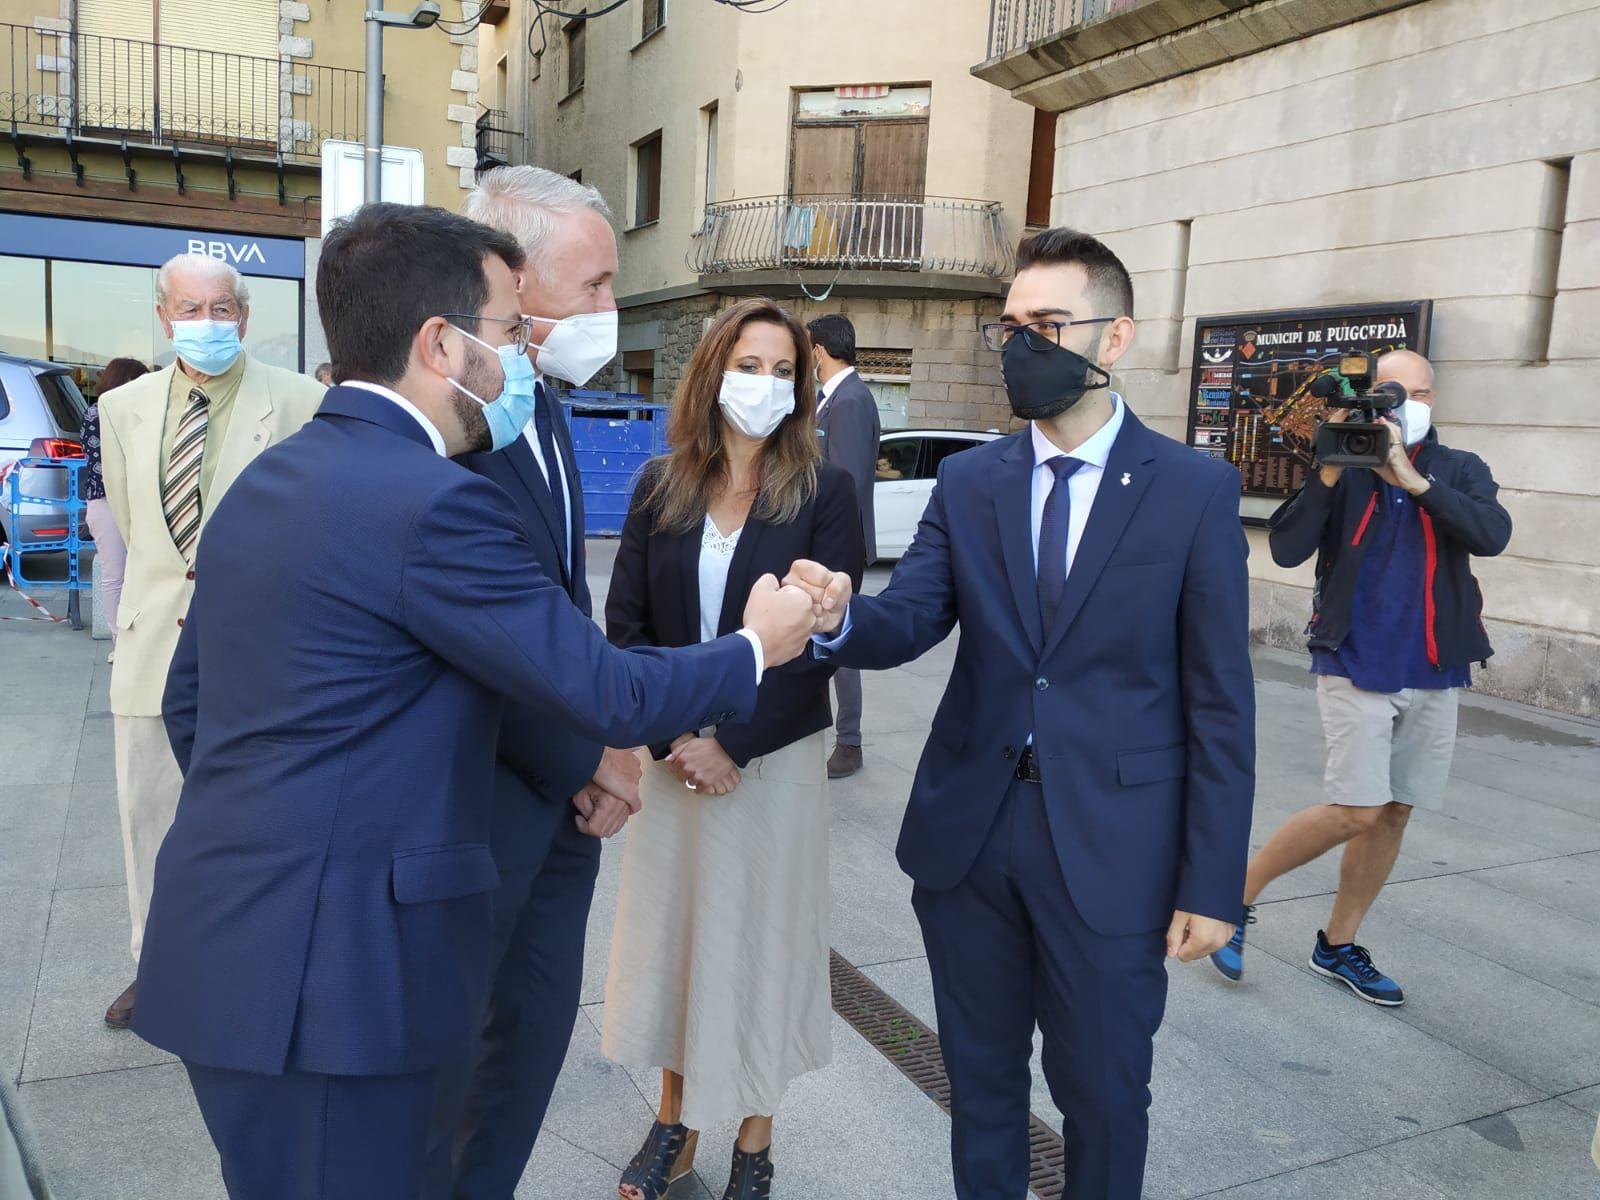 Salutació de Pere Aragonès a les autoritats de Puigcerdà